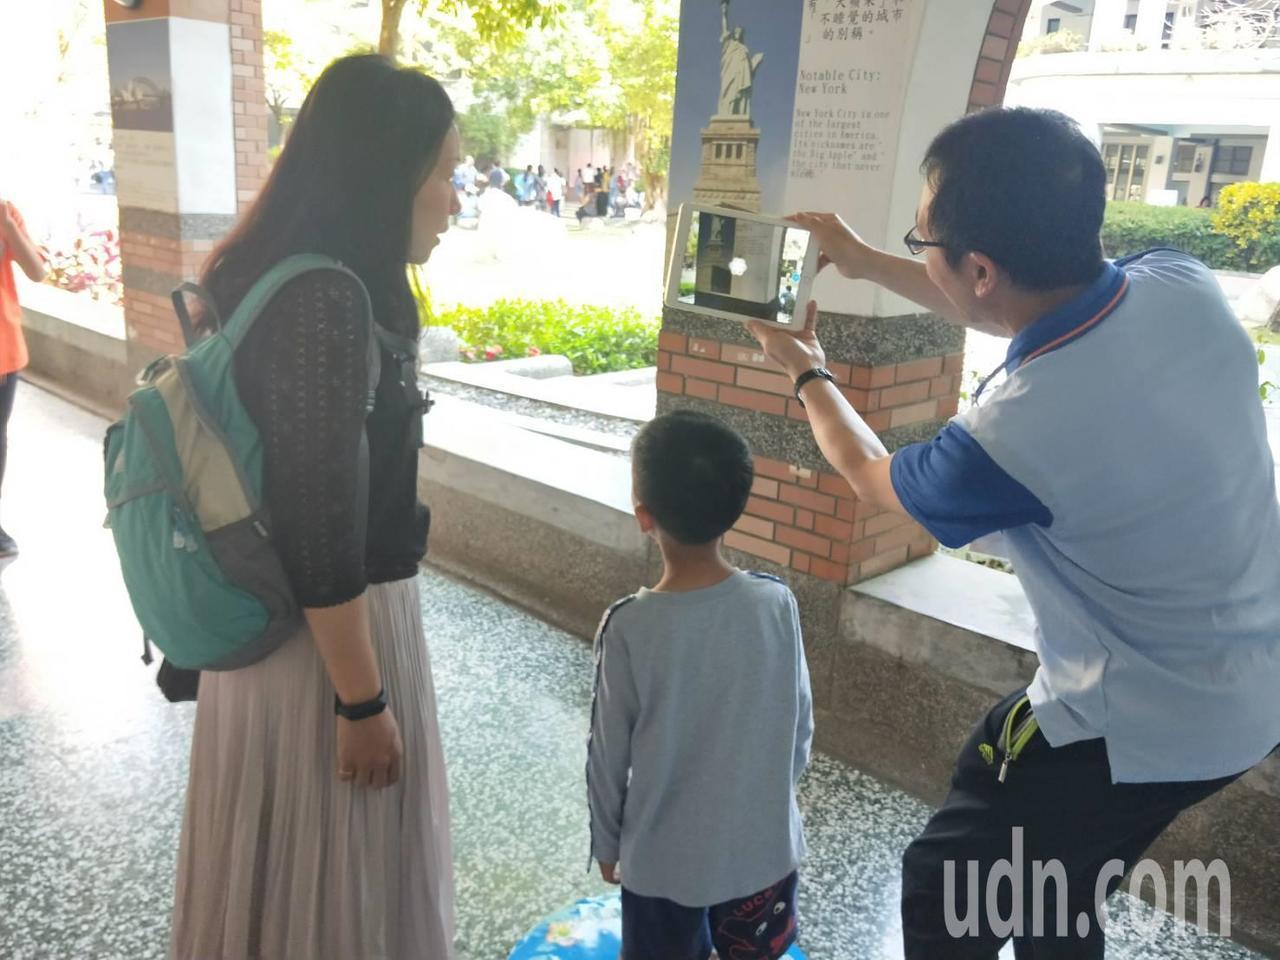 宜蘭縣新生國小在行政大樓一樓設置AP體驗區,讓現場參加的家長與小朋友利用載具體驗...